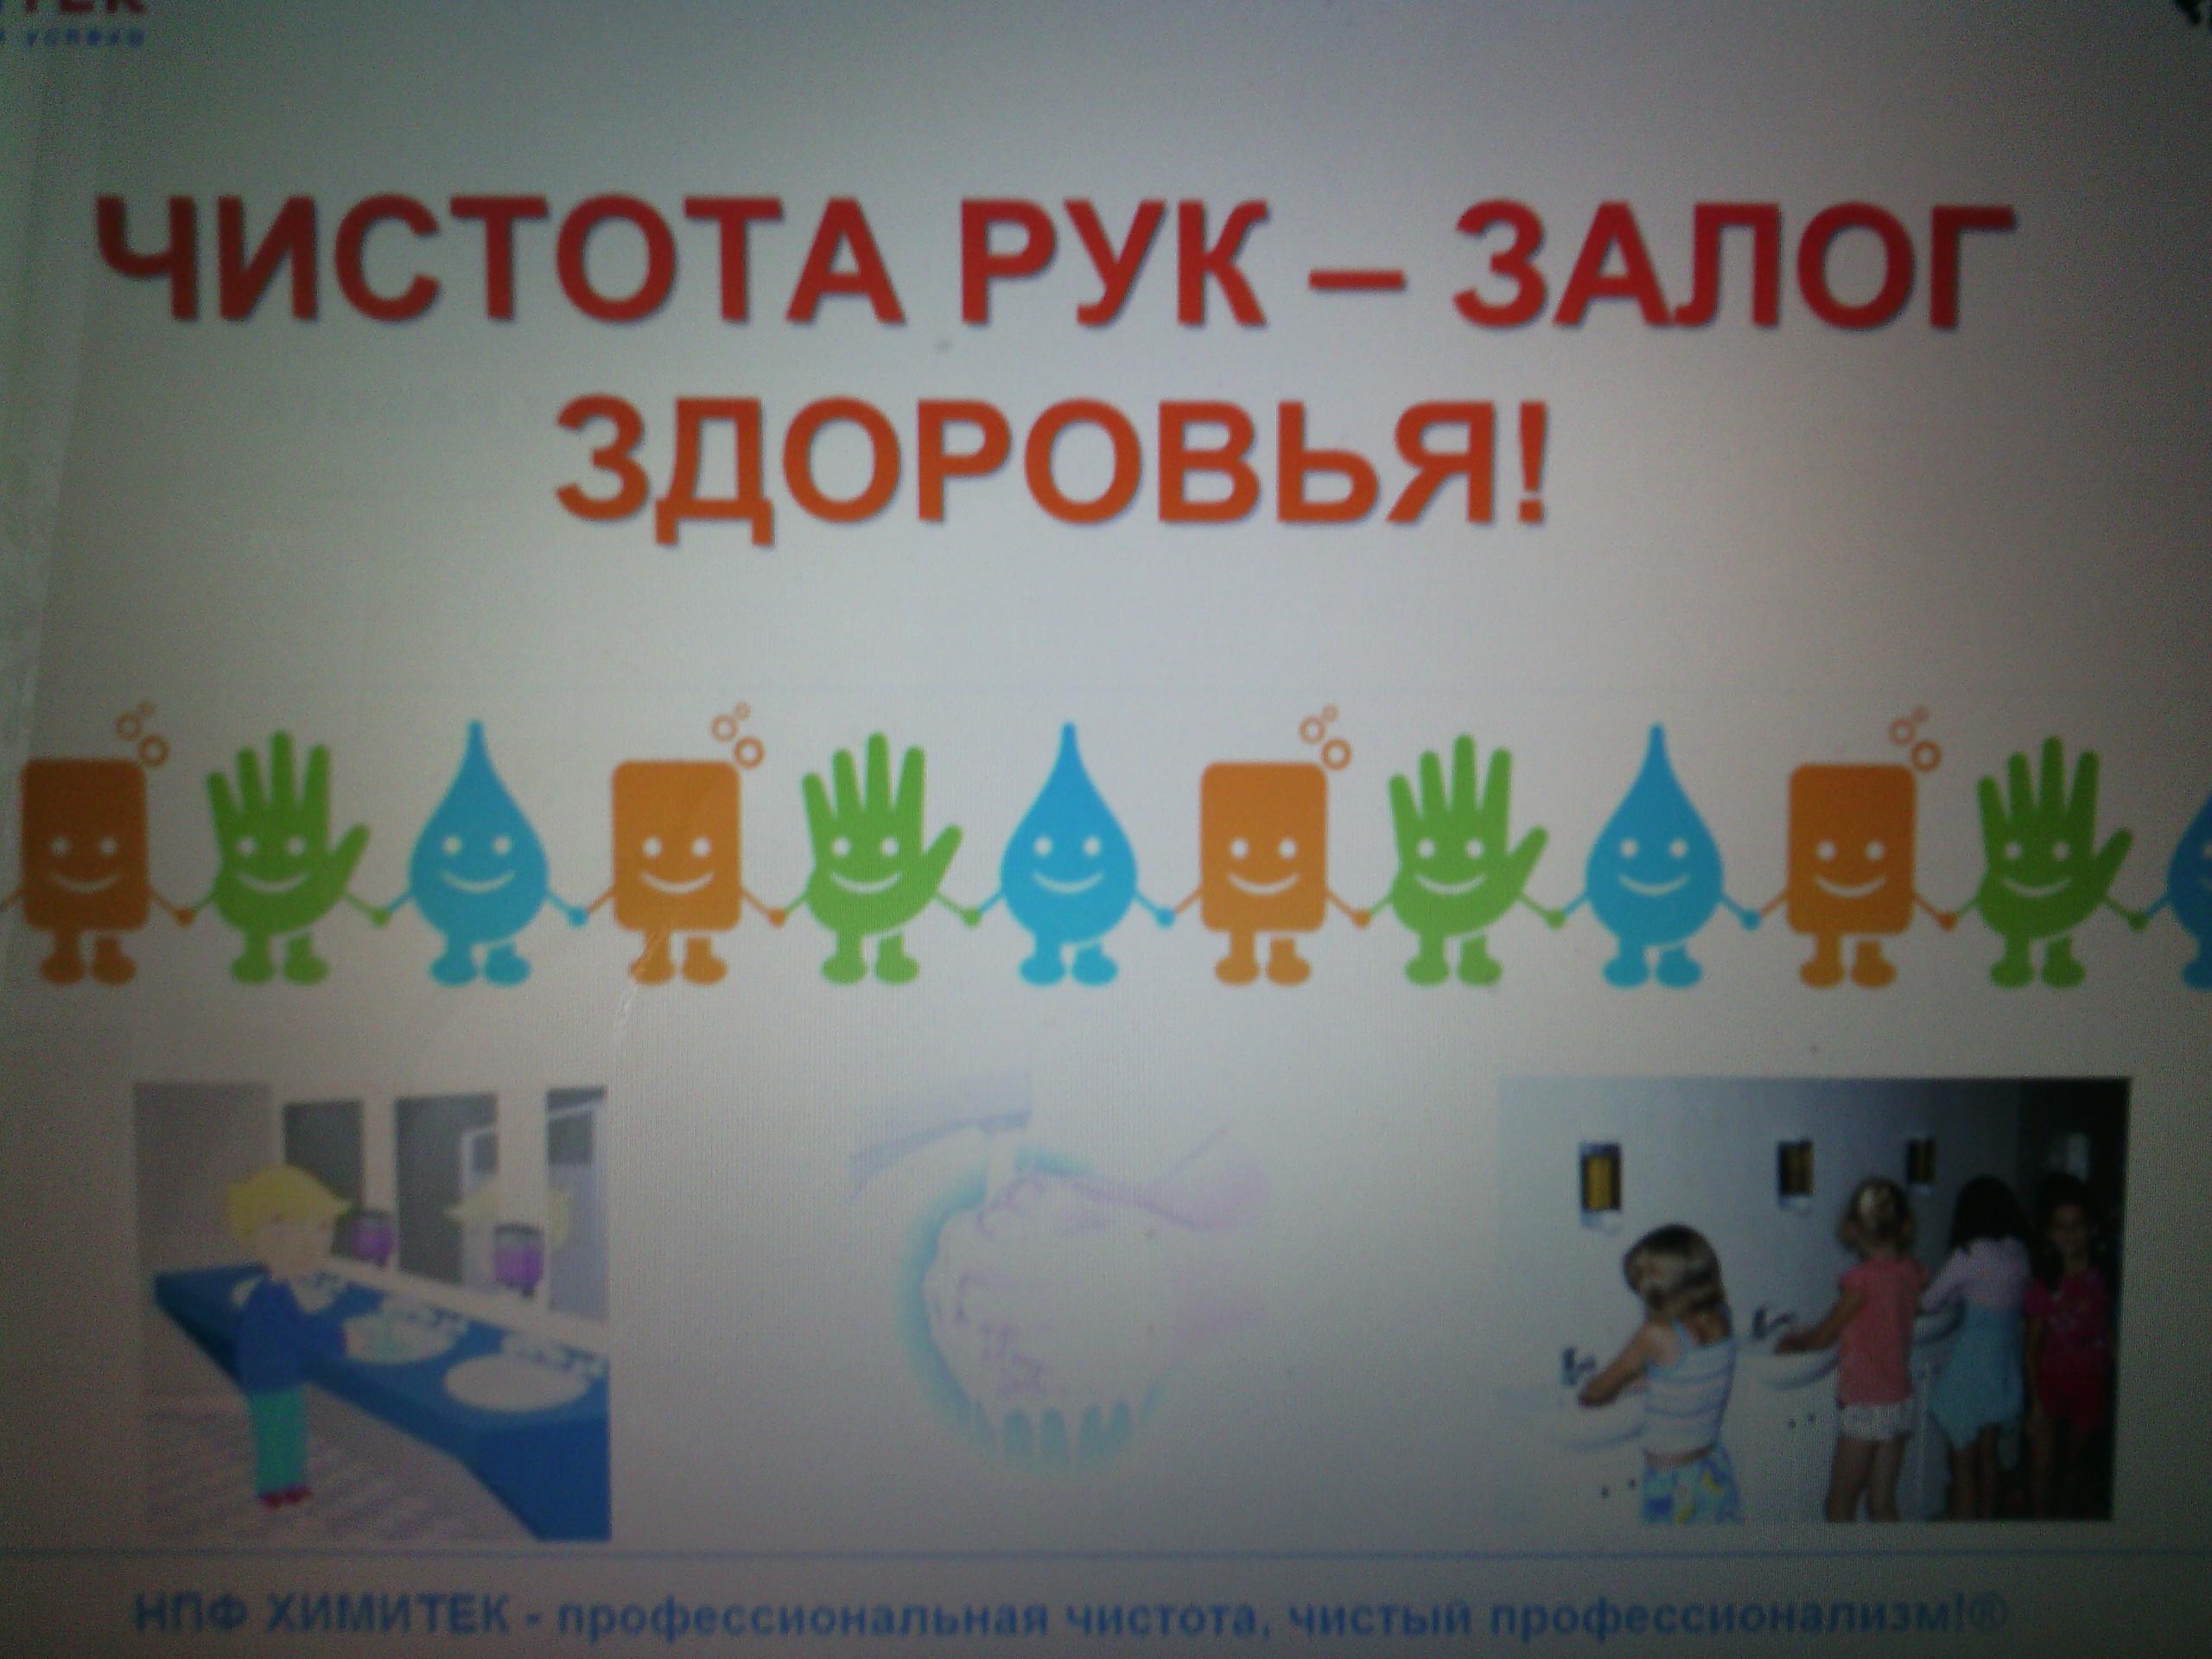 Сценарий чистота залог здоровья для начальных классов